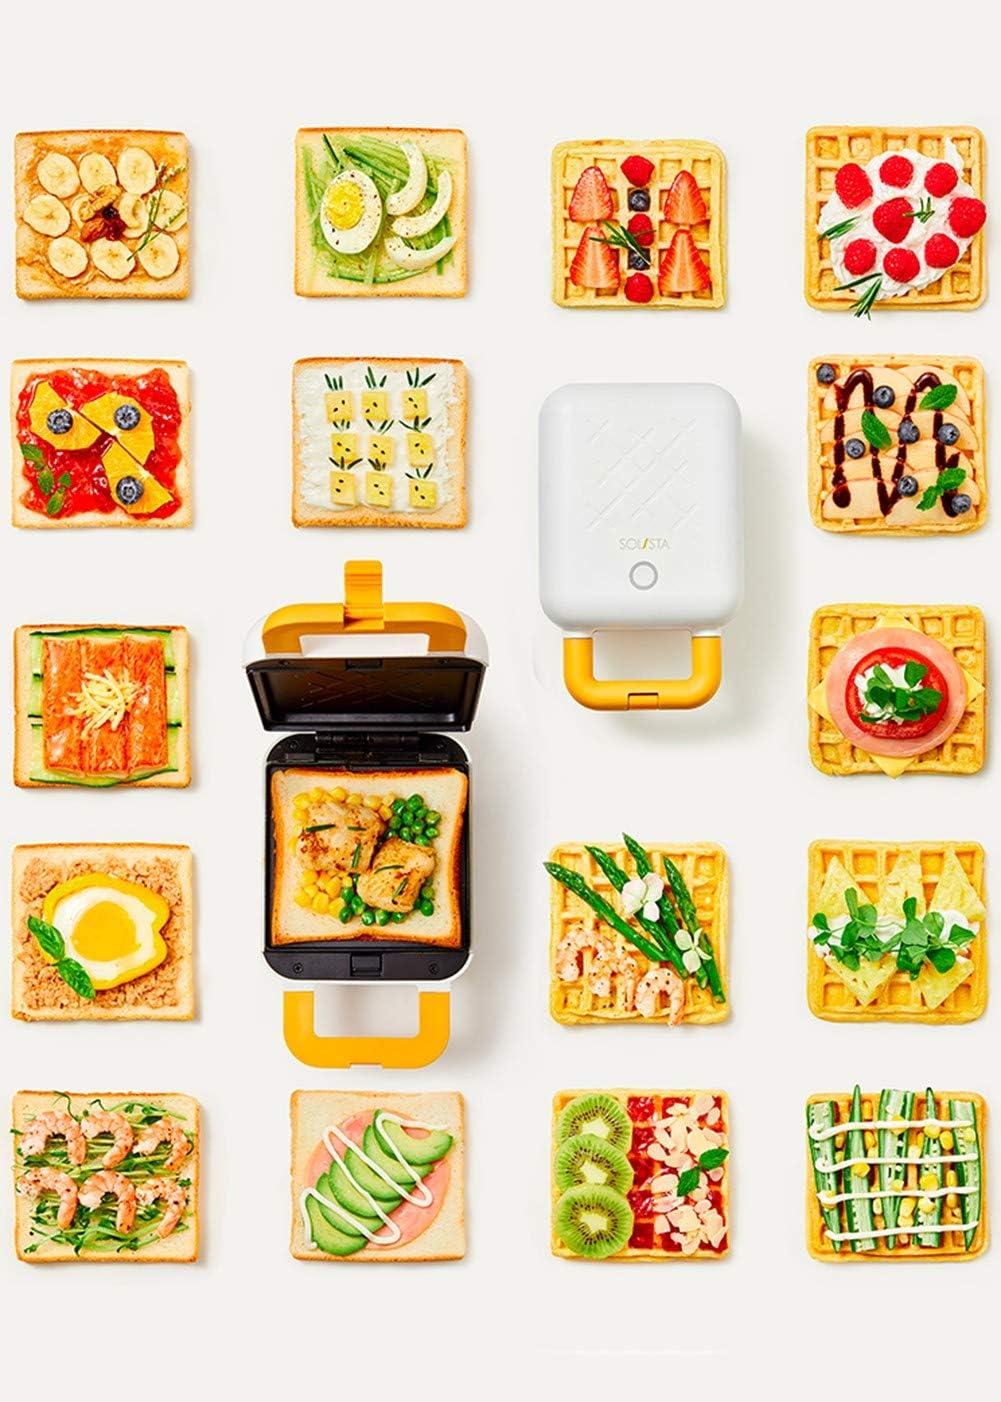 SYZD Waffle Gaufrier éLectrique Gaufres Gaufrettes Waffles Nettoyage Facile AntiadhéSif Automatique De La TempéRature DéTachable RemplaçAbles A A